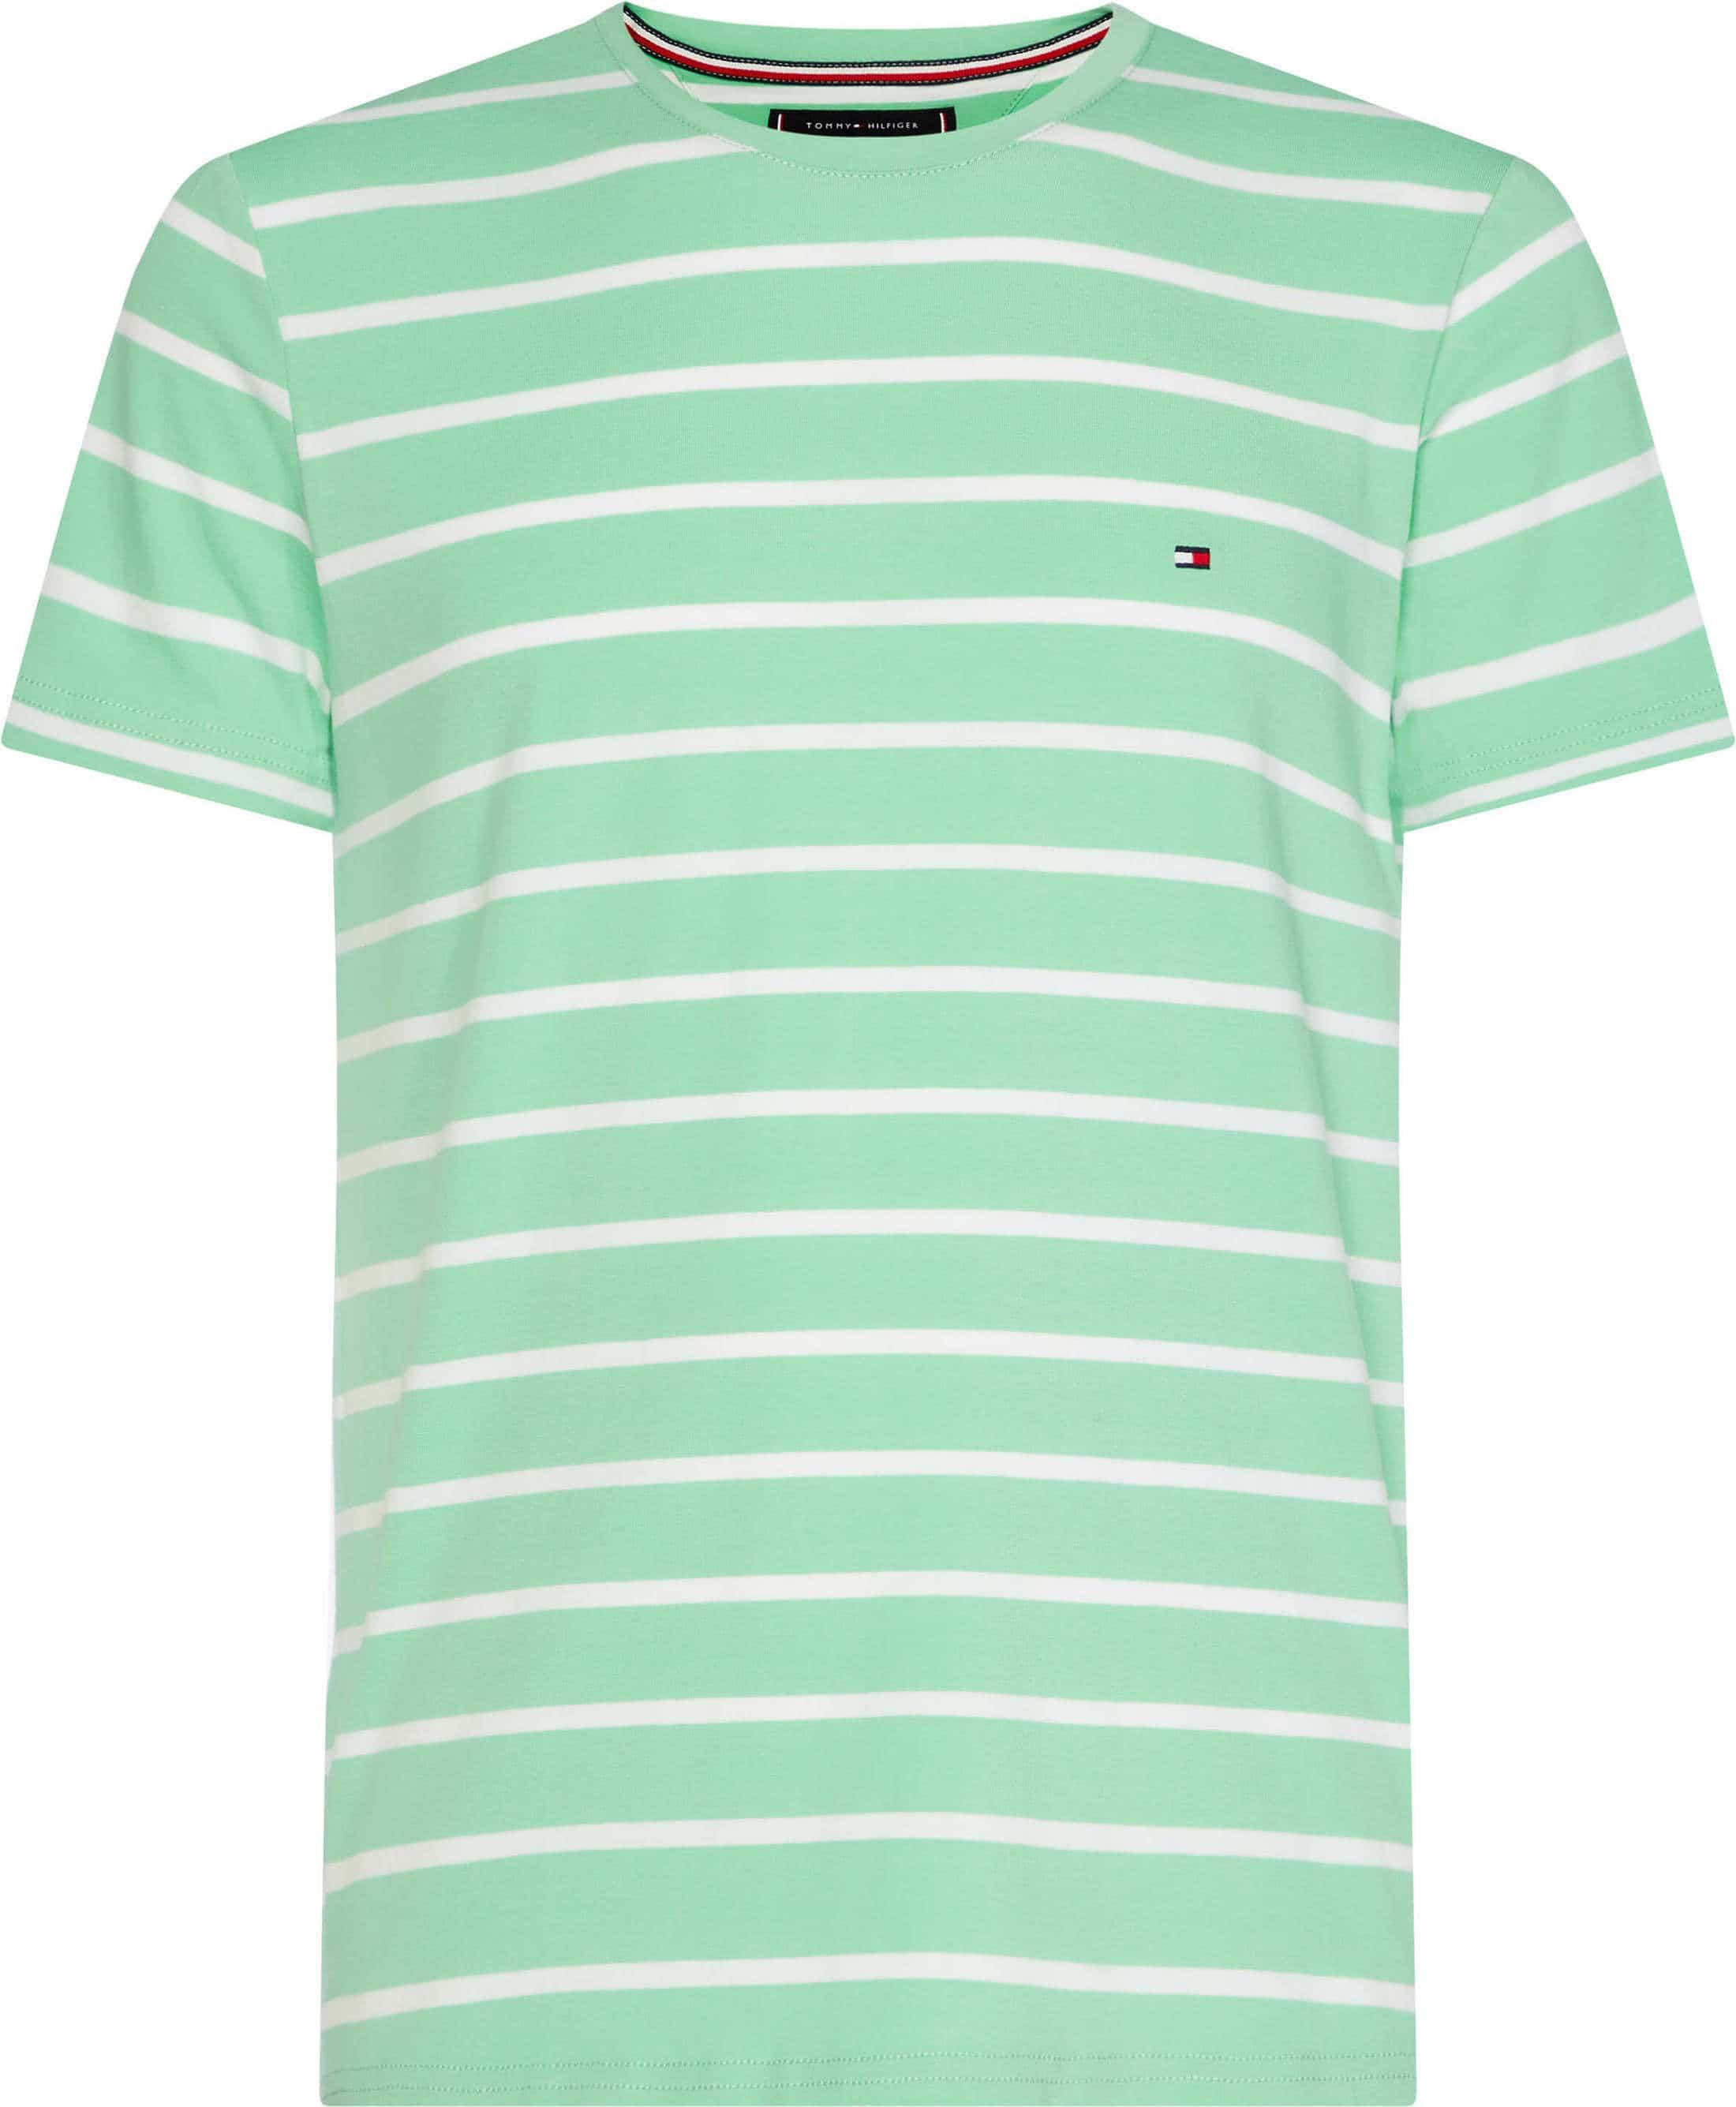 dddf01cef Tommy Hilfiger T-shirt Stripe Green MW0MW09813907 order online ...